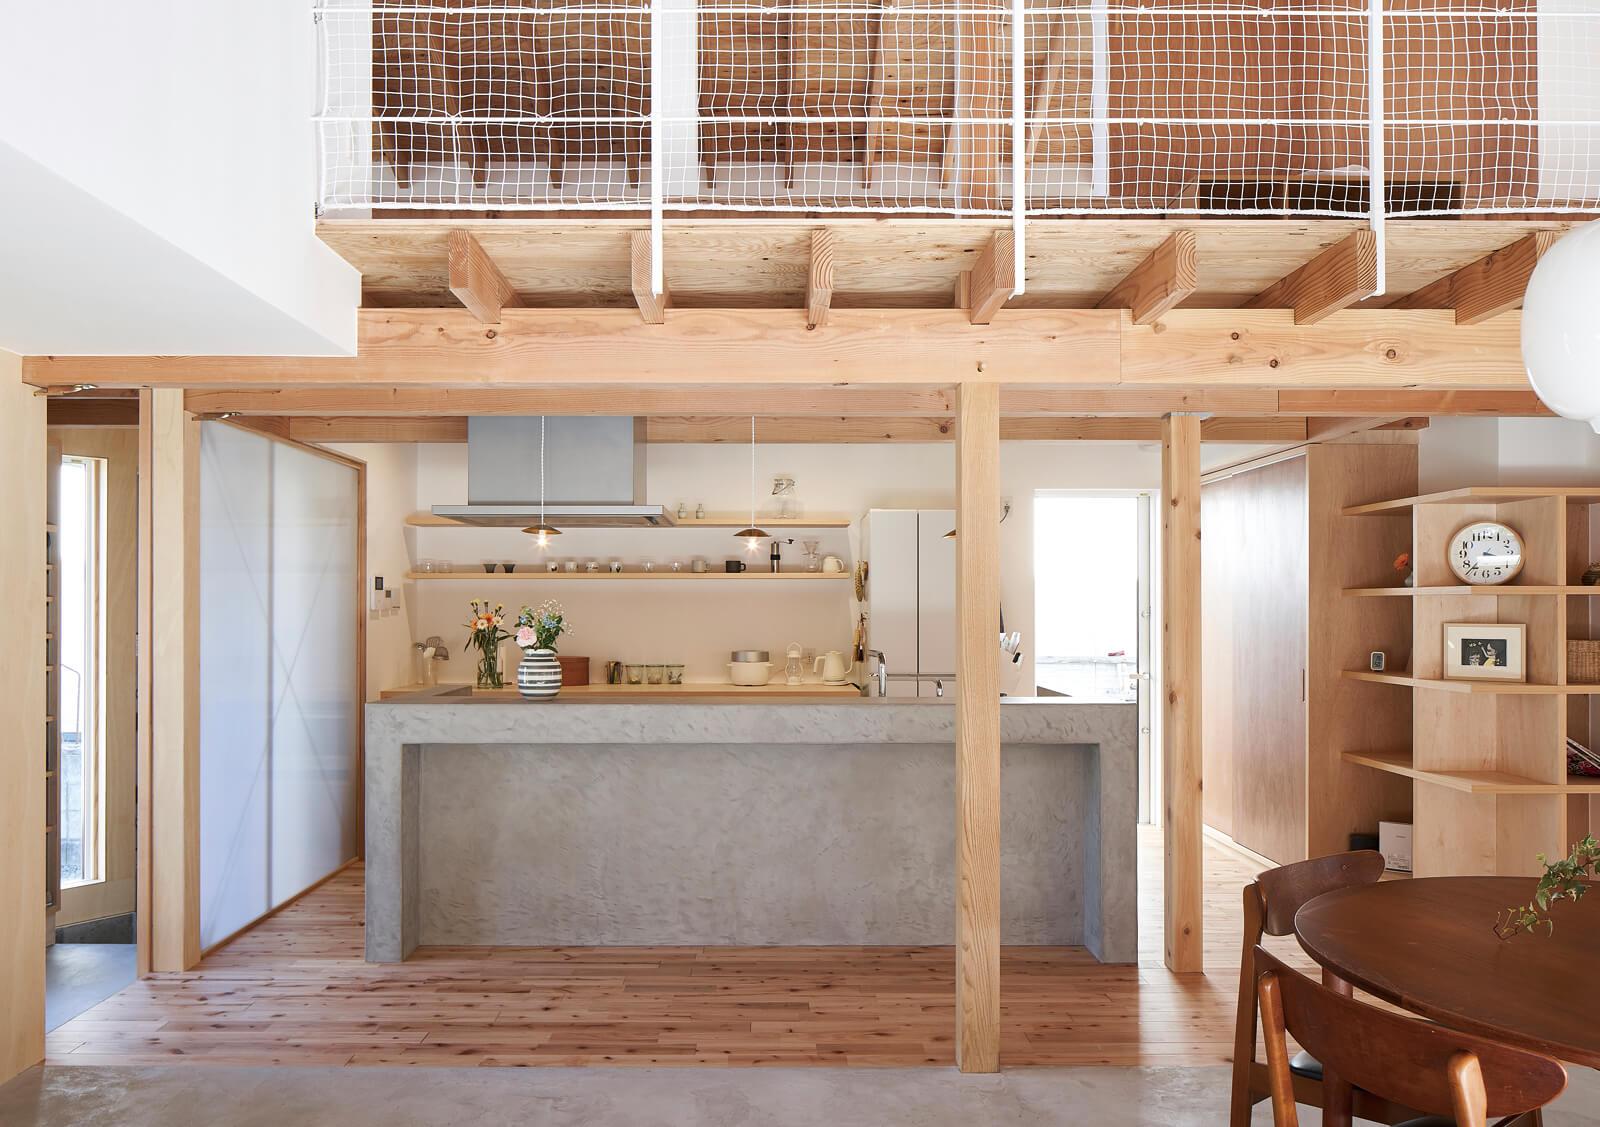 キッチンは、家族みんなで使いやすいアイランド型。モールテックスの素材感が木の空間のアクセントに